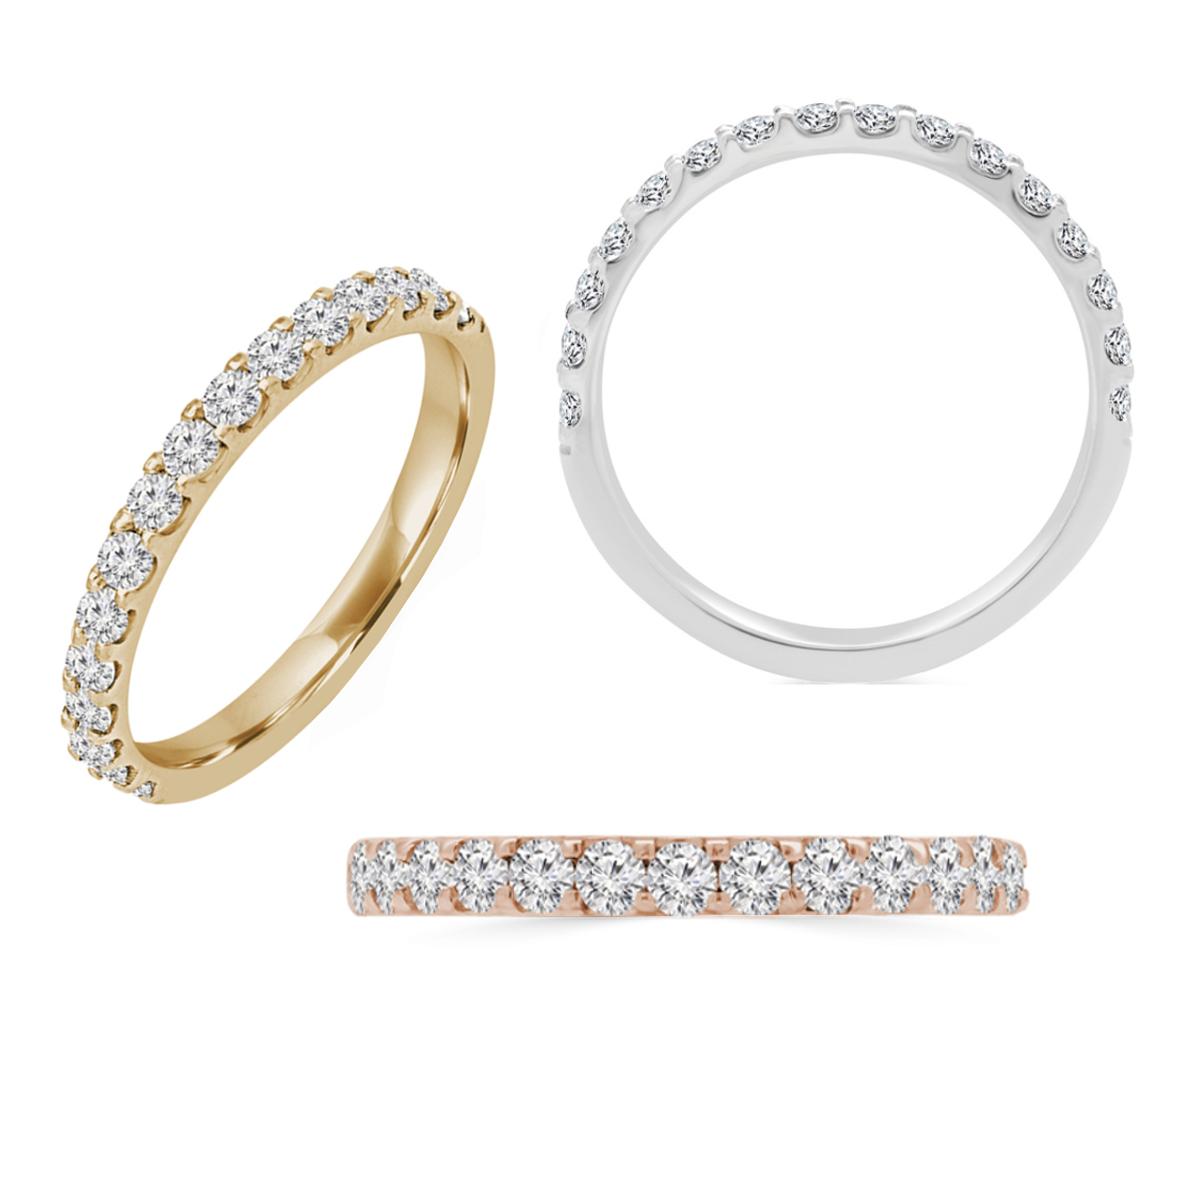 טבעת איטרניטי משובצת יהלומים │ טבעת חצי משובצת │ טבעת יהלומים 0.48 קראט